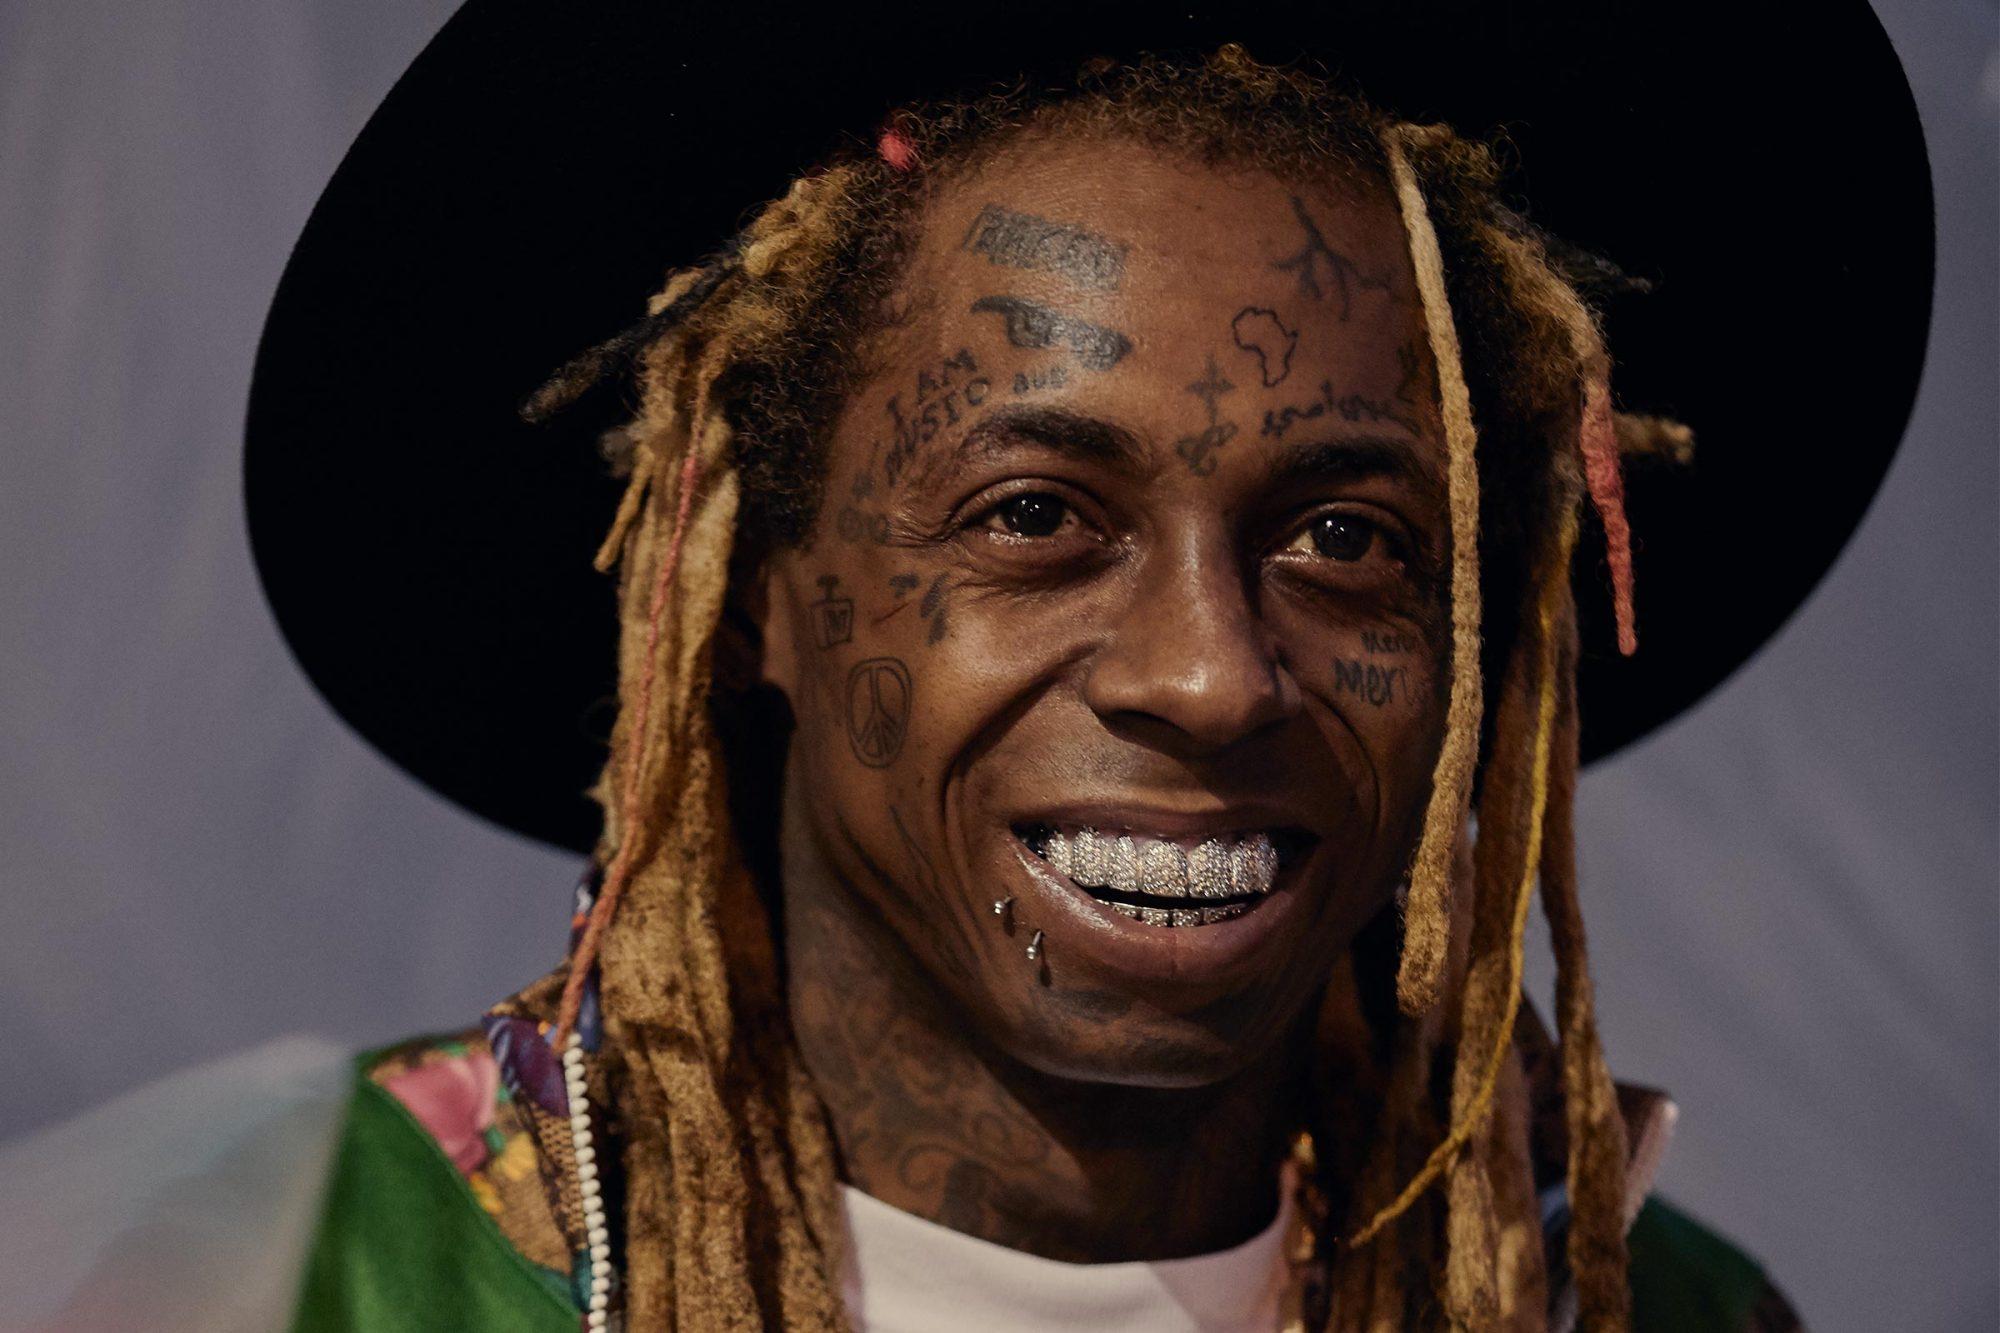 Lil Wayne promo art